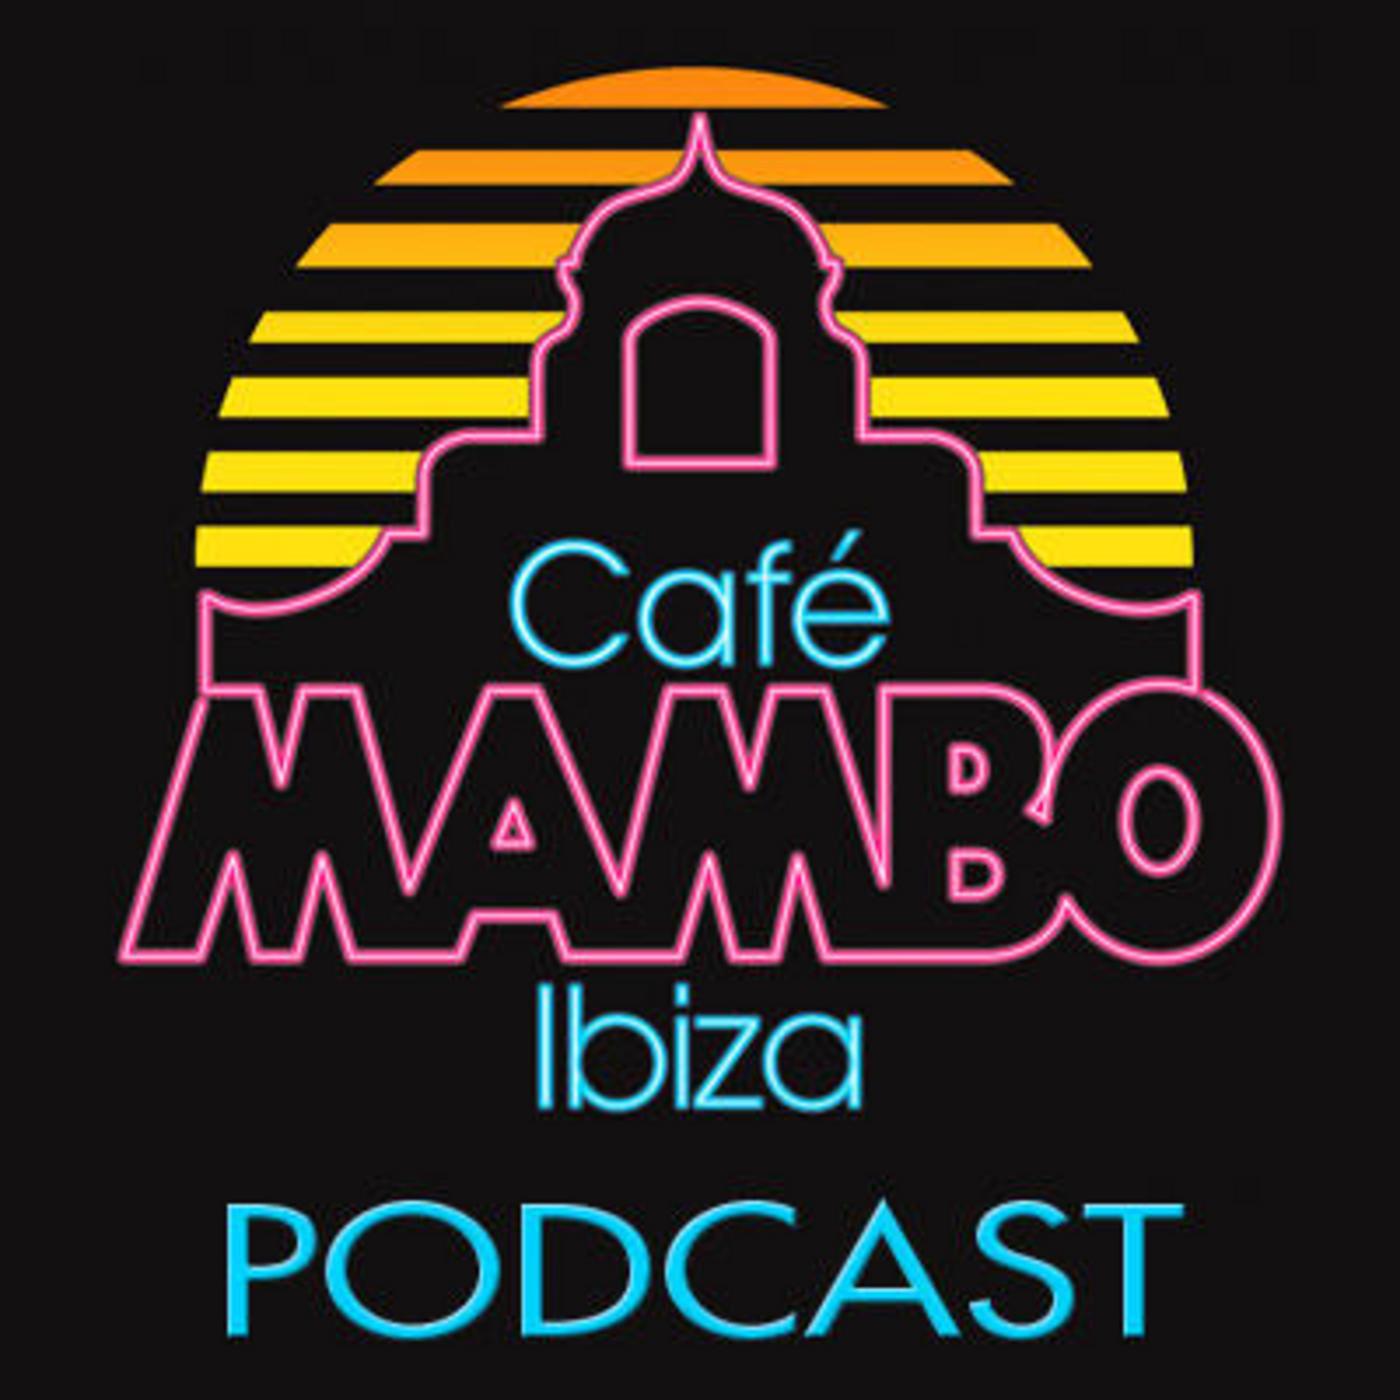 Cafe Mambo Ibiza - Mambo Radio #031 (ft. Mambo Brothers' closing set from Hi! Ibiza Sundays)